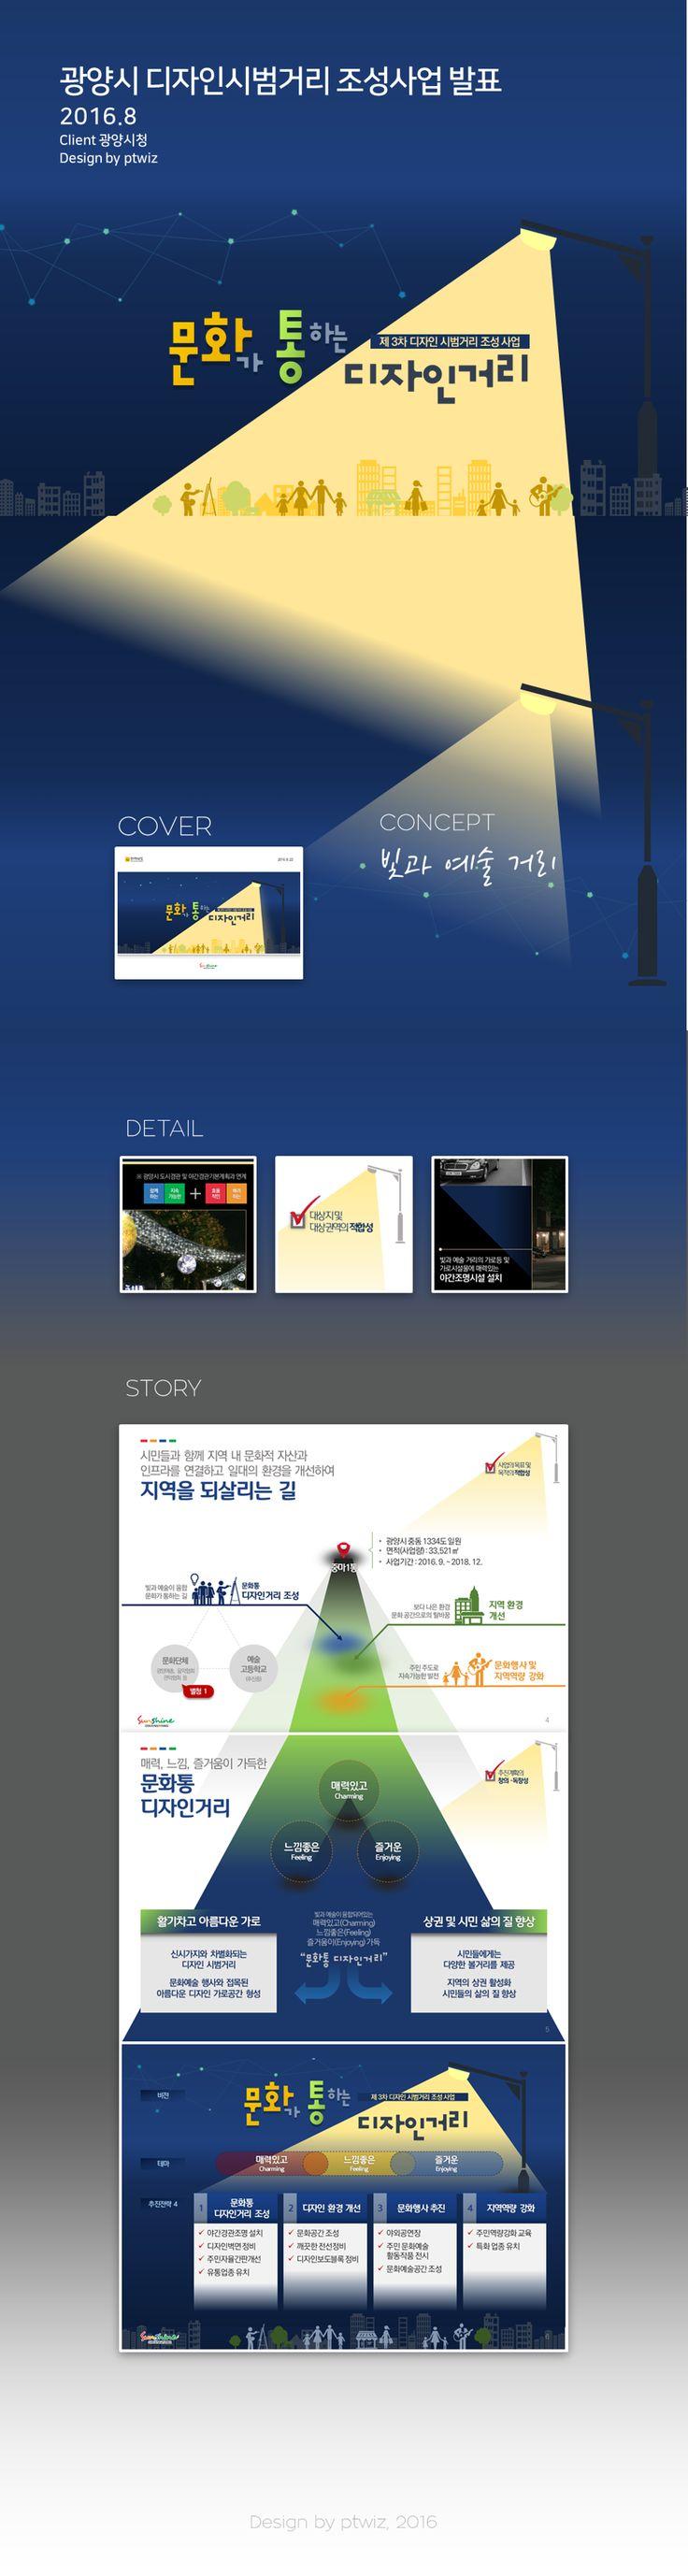 광양시 디자인시범거리 조성사업 Presentation Design Portfolio By PTWIZ / Clent : 광양시